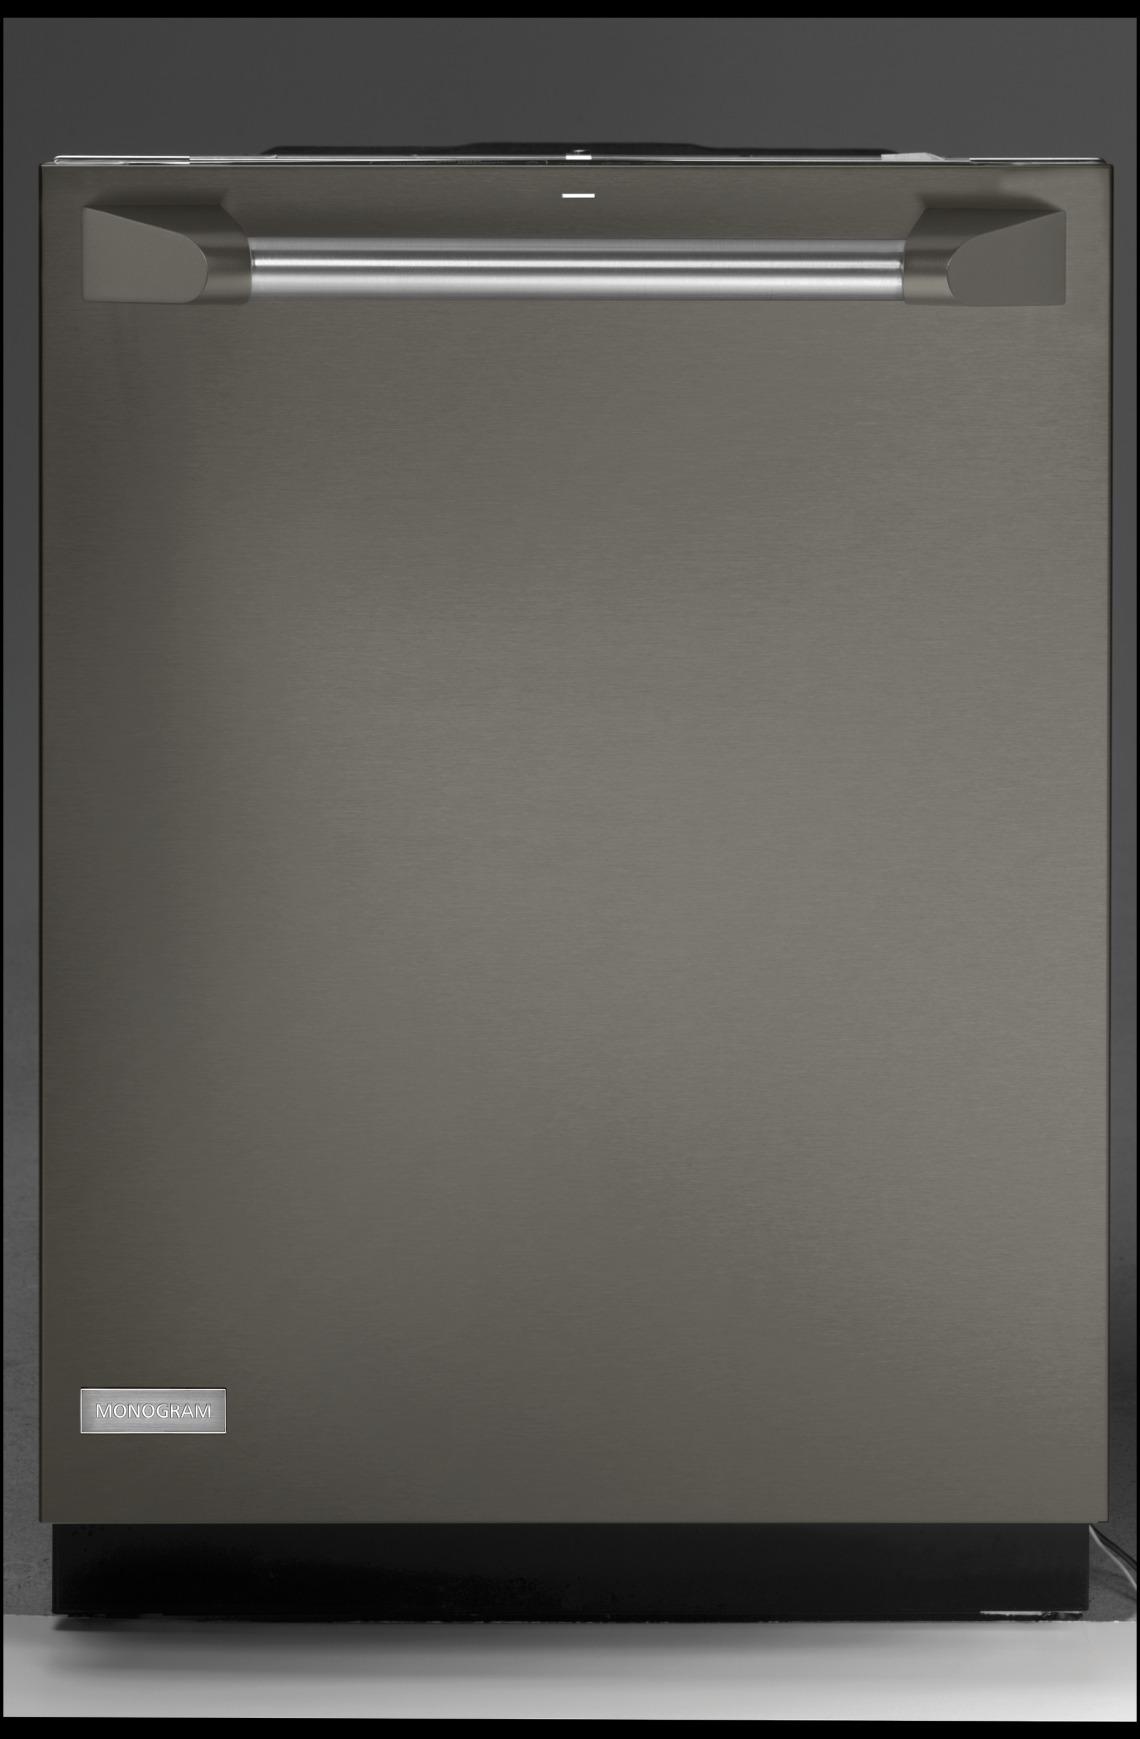 Graphite_dishwasher